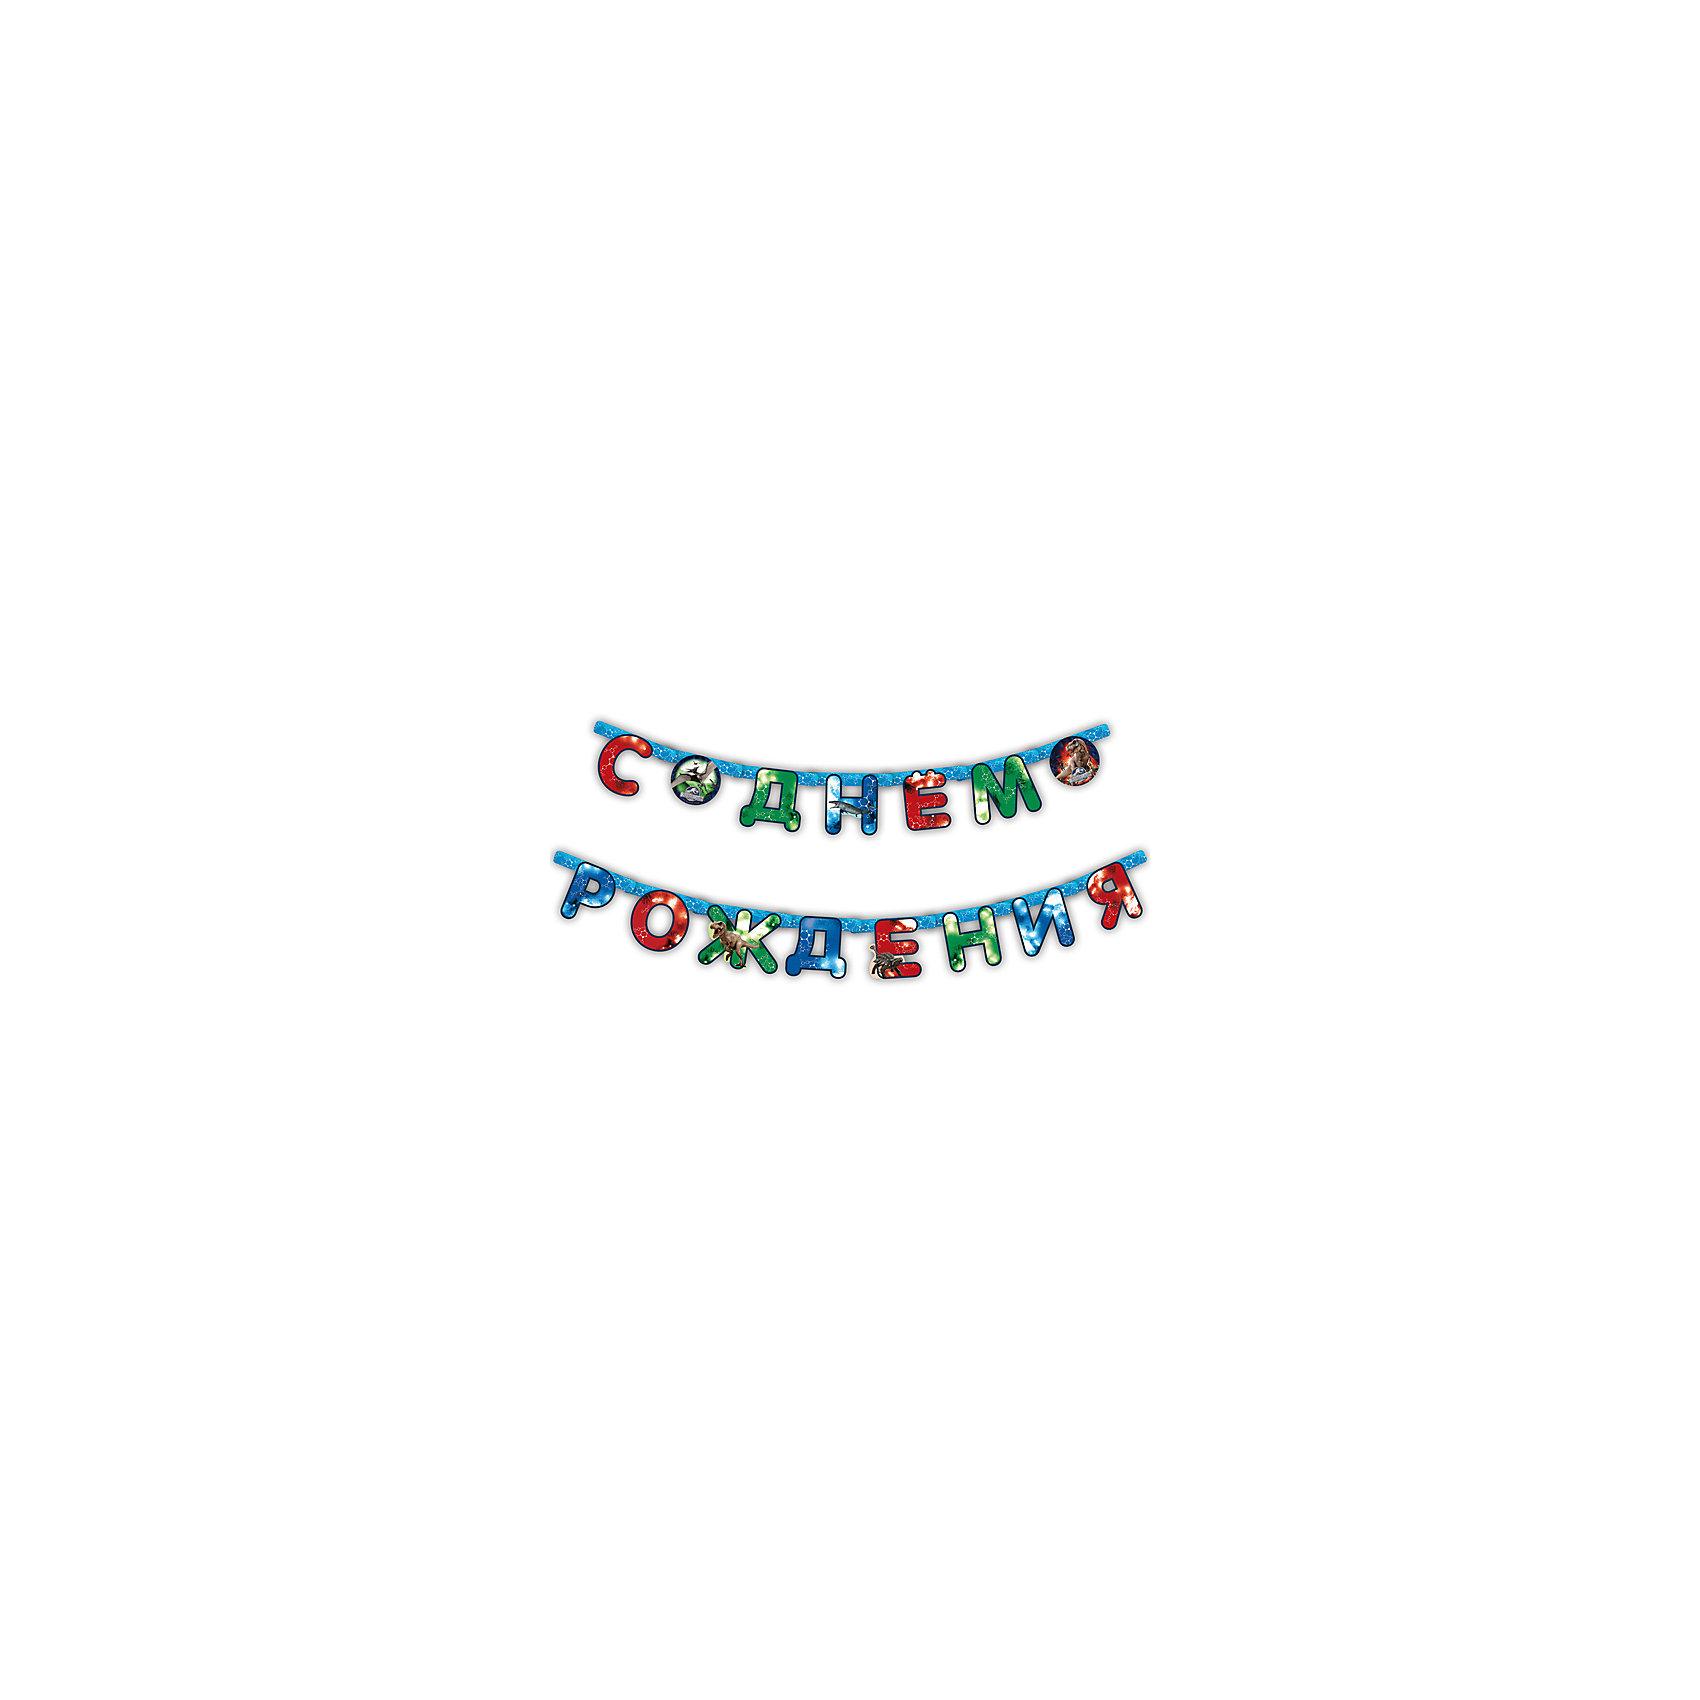 Гирлянда C днем рождения 2,5 м, Парк Юрского ПериодаБаннеры и гирлянды для детской вечеринки<br>Гирлянда C днем рождения 2,5 м, Парк Юрского Периода – яркий аксессуар станет отличным украшением для комнаты именинника.<br>Стильная гирлянда «C Днем Рождения» с динозаврами из фильма «Парк Юрского Периода» поможет ярко преобразить помещение к детскому празднику, создать торжественную атмосферу и поднять настроение имениннику и всем гостям.<br><br>Дополнительная информация:<br><br>- Длина: 2,5 м.<br>- Высота флажков: 15 см.<br>- Материал: бумага<br>- Способ крепления: люверс<br><br>Гирлянду C днем рождения 2,5 м, Парк Юрского Периода можно купить в нашем интернет-магазине.<br><br>Ширина мм: 290<br>Глубина мм: 240<br>Высота мм: 10<br>Вес г: 80<br>Возраст от месяцев: 36<br>Возраст до месяцев: 96<br>Пол: Мужской<br>Возраст: Детский<br>SKU: 4278327